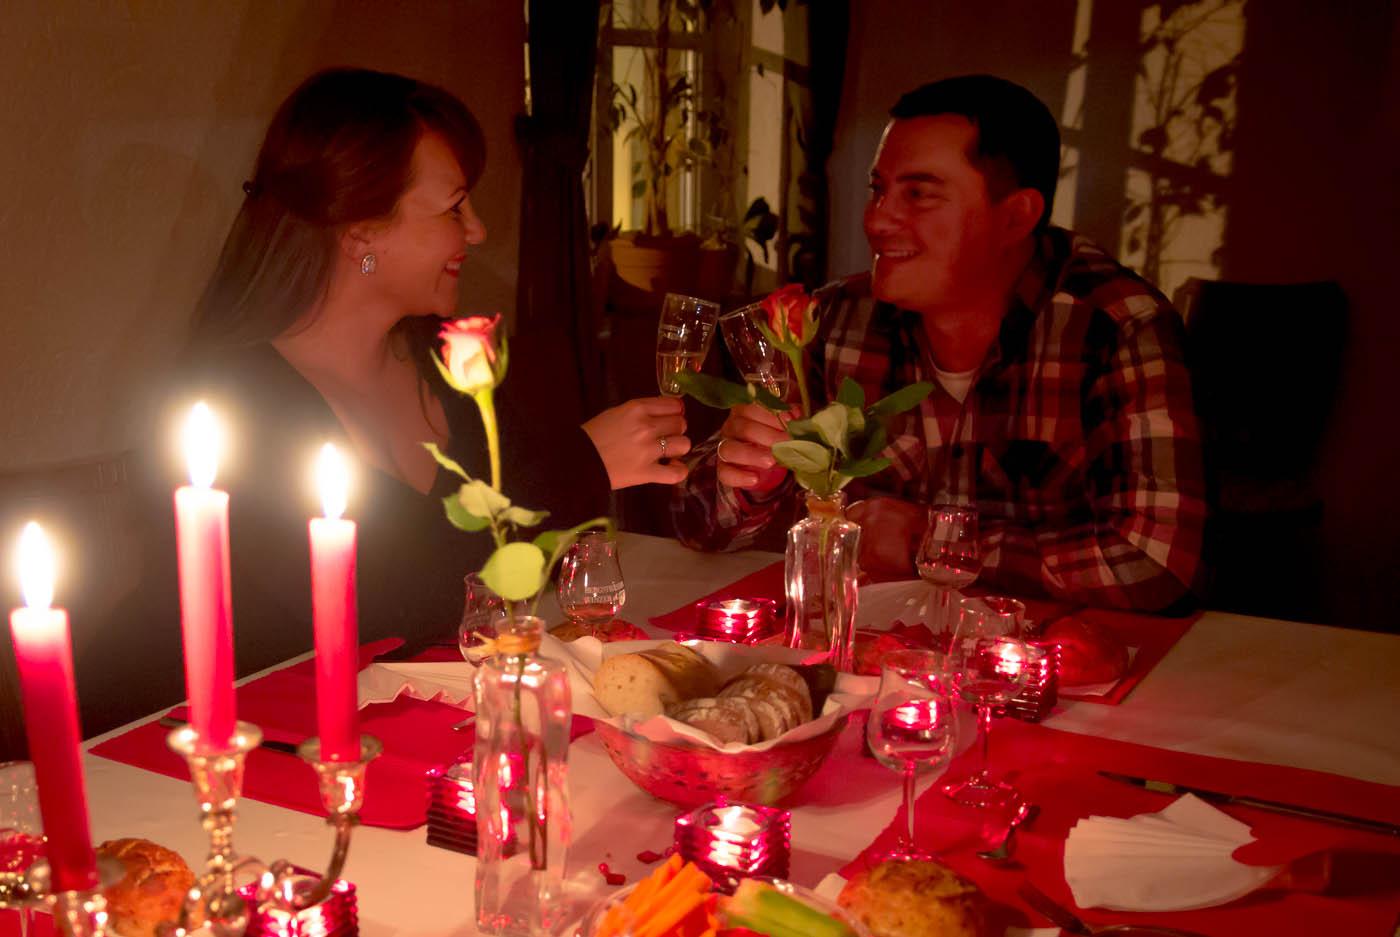 Weinprobe zu zweit und romantisch - CG Wein